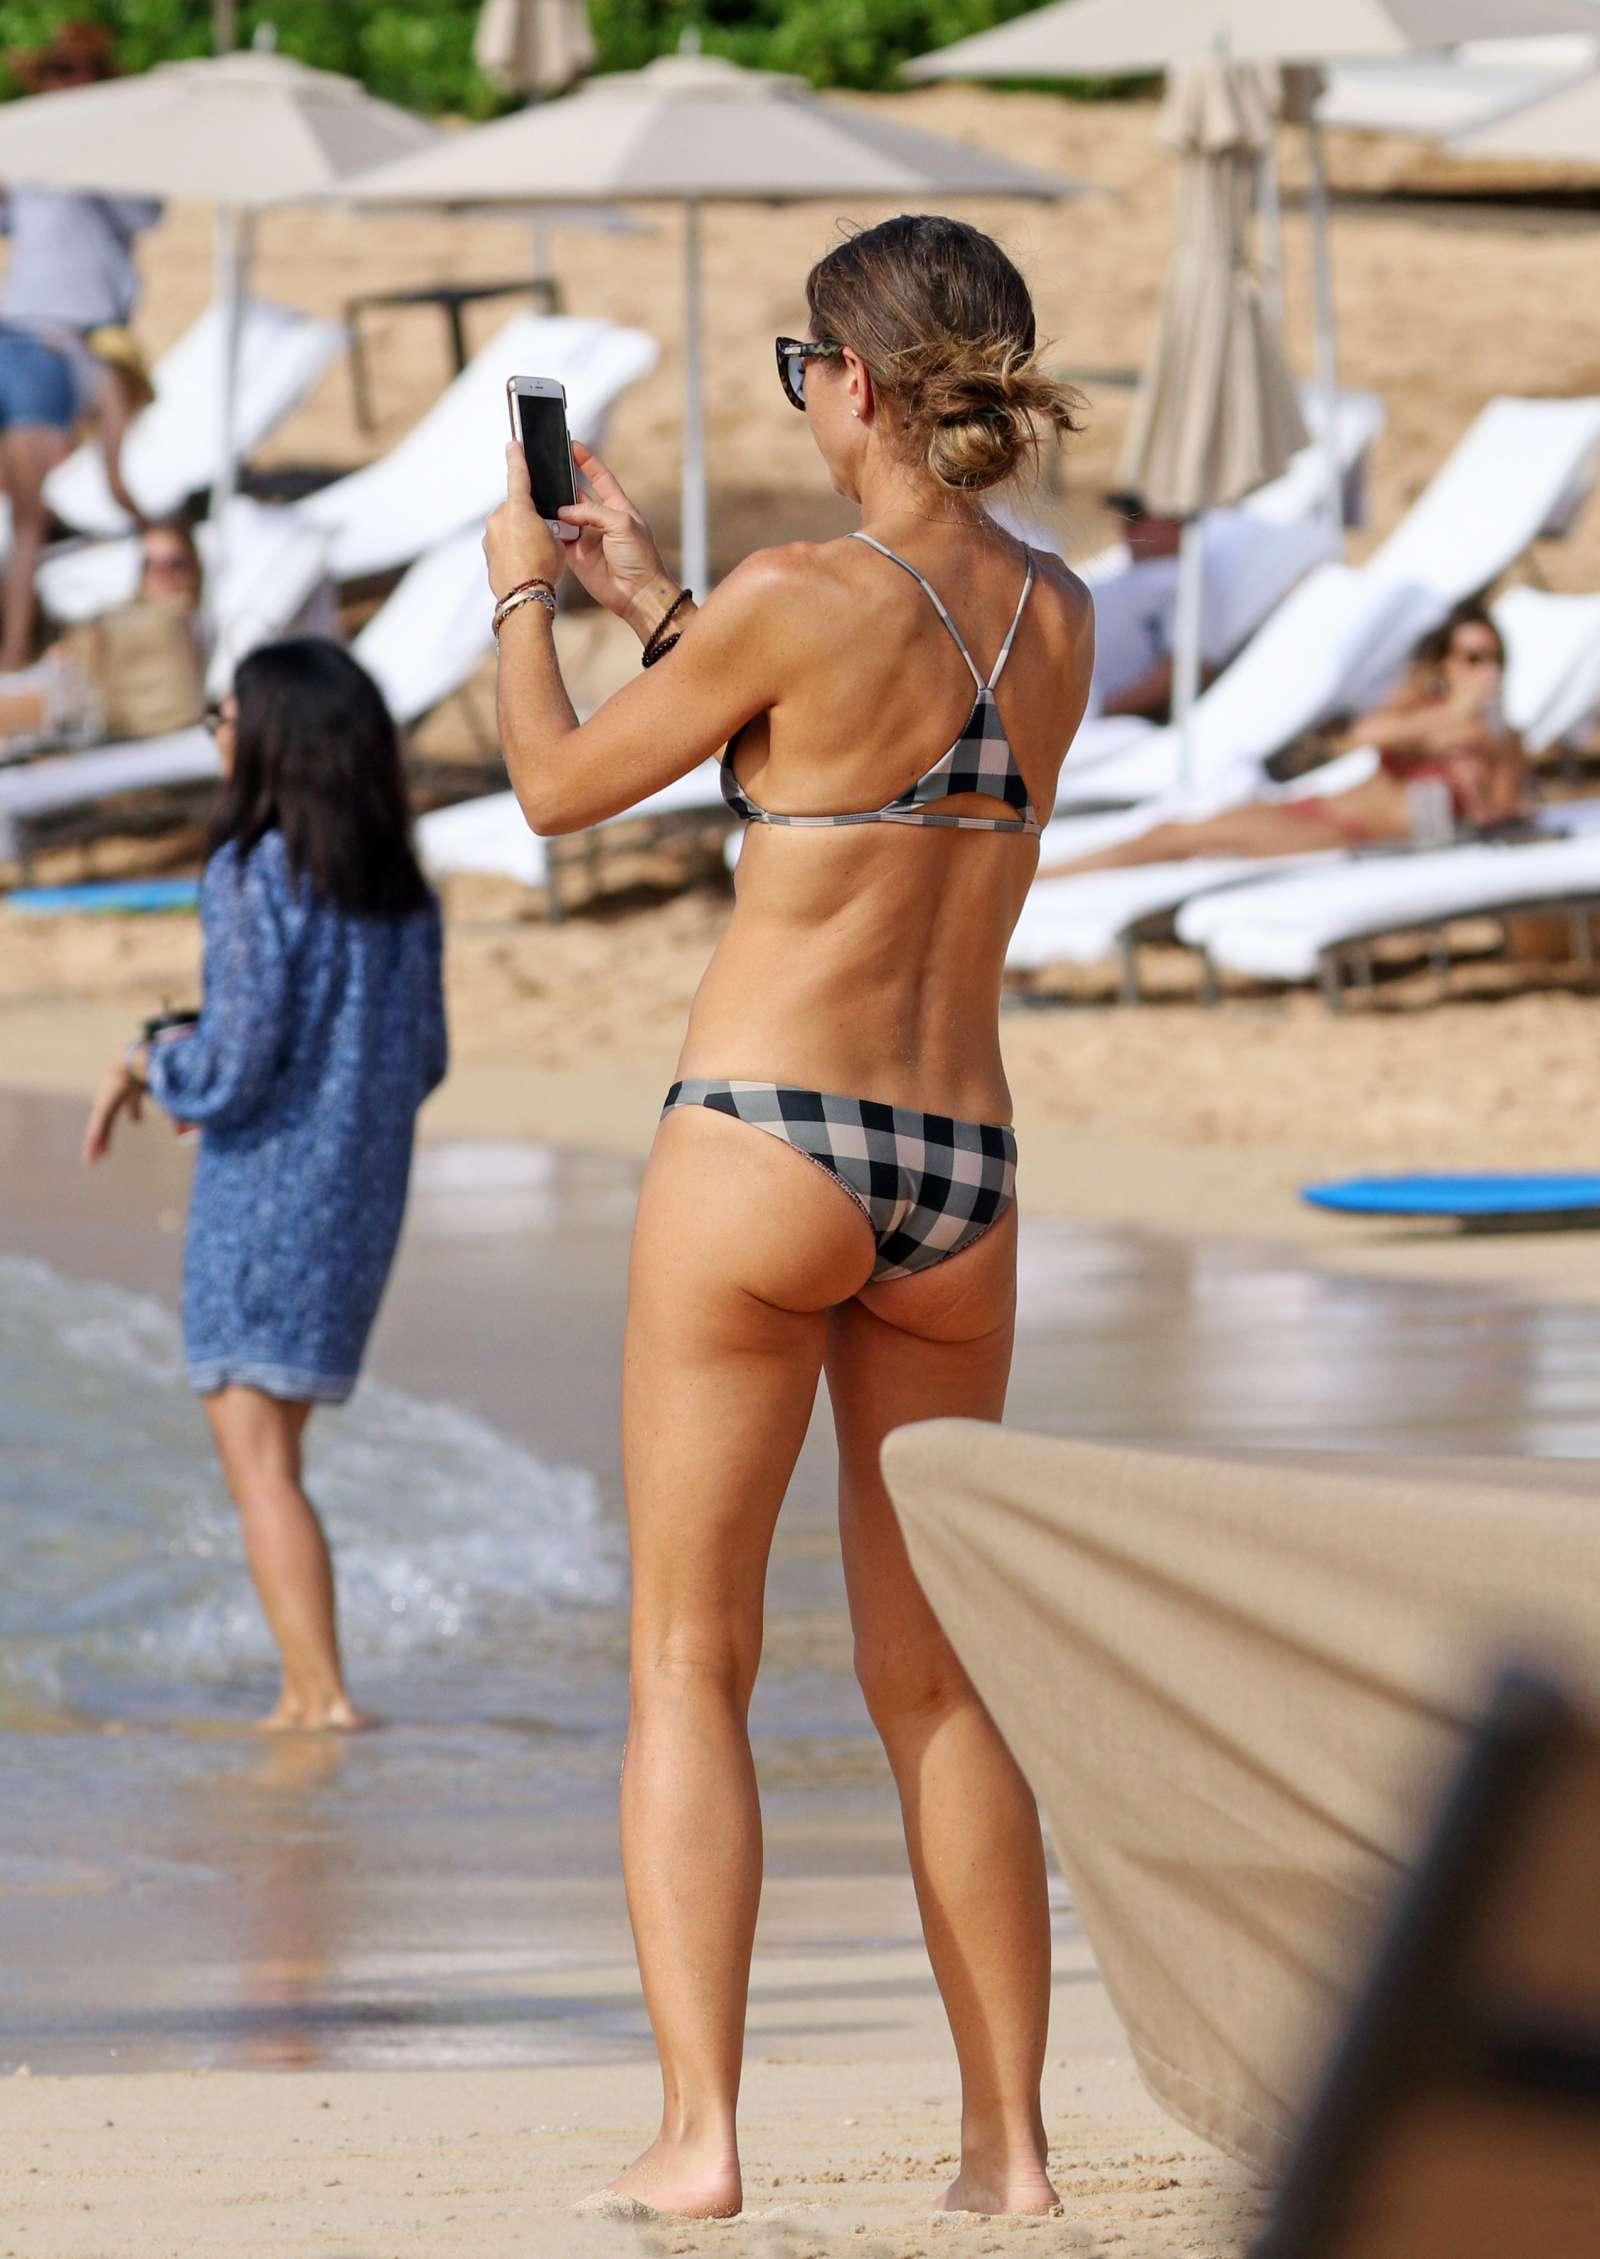 Rebecca Gayheart 2017 : Rebecca Gayheart in Bikini 2017 -07